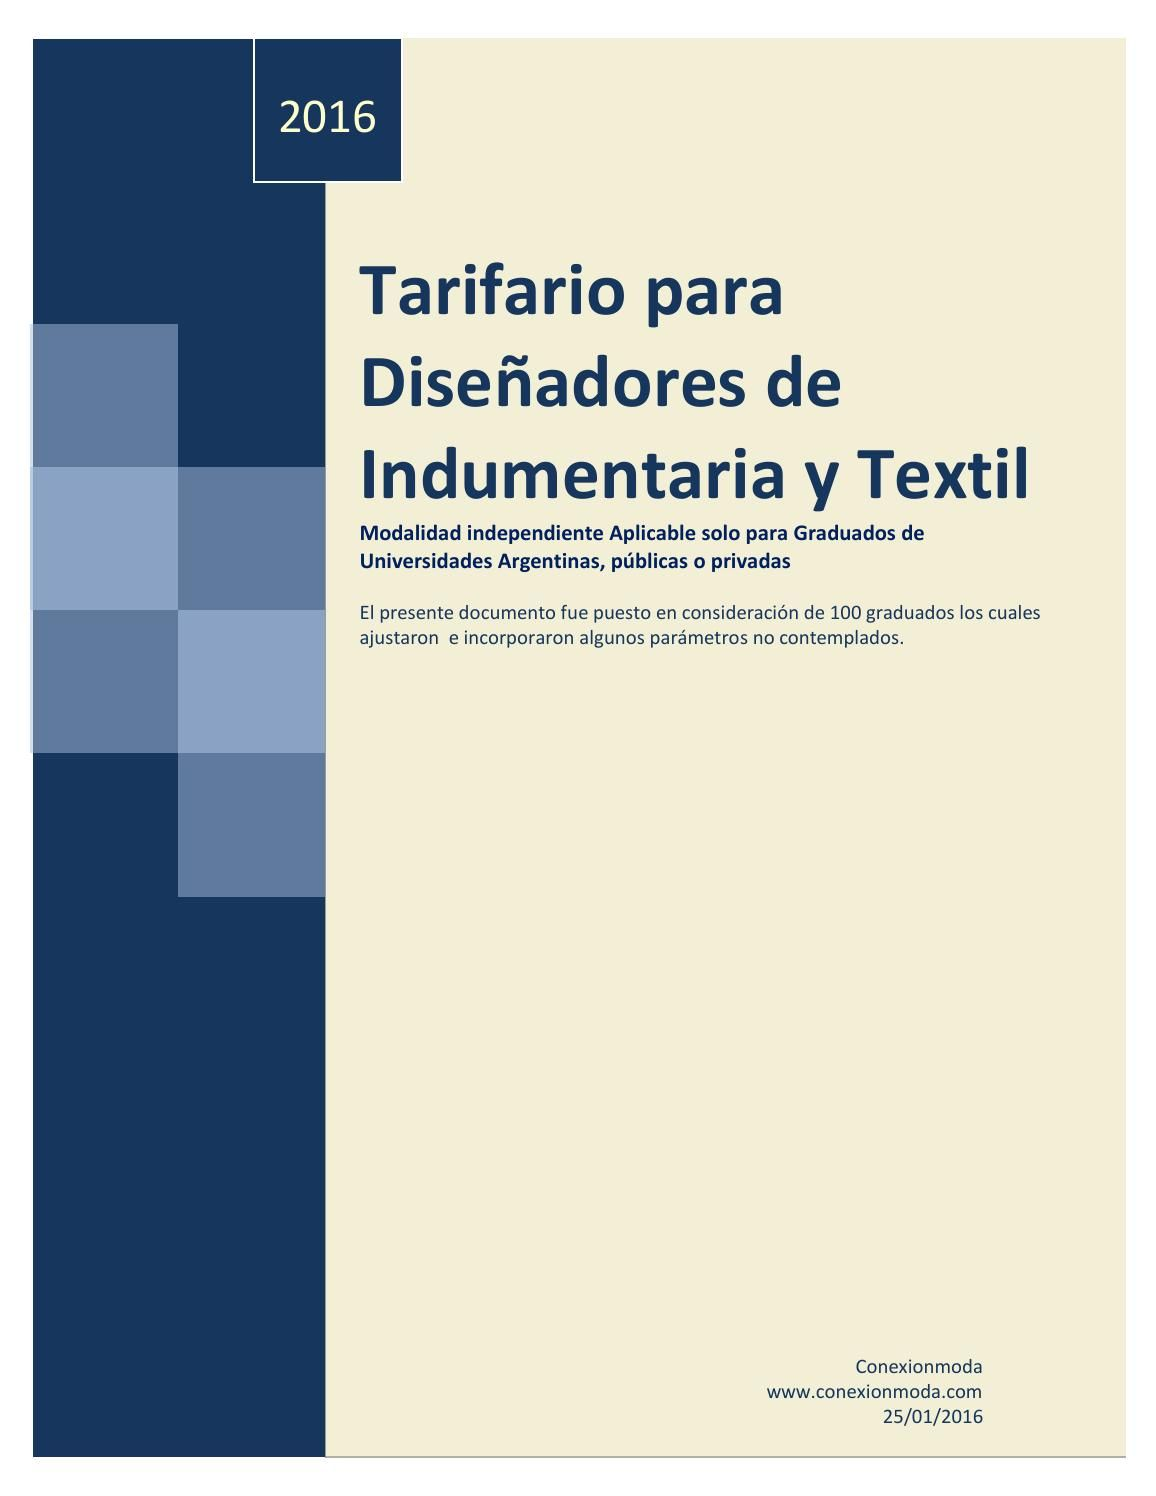 Modalidad independiente Aplicable solo para Graduados de Universidades Argentinas, públicas o privadas